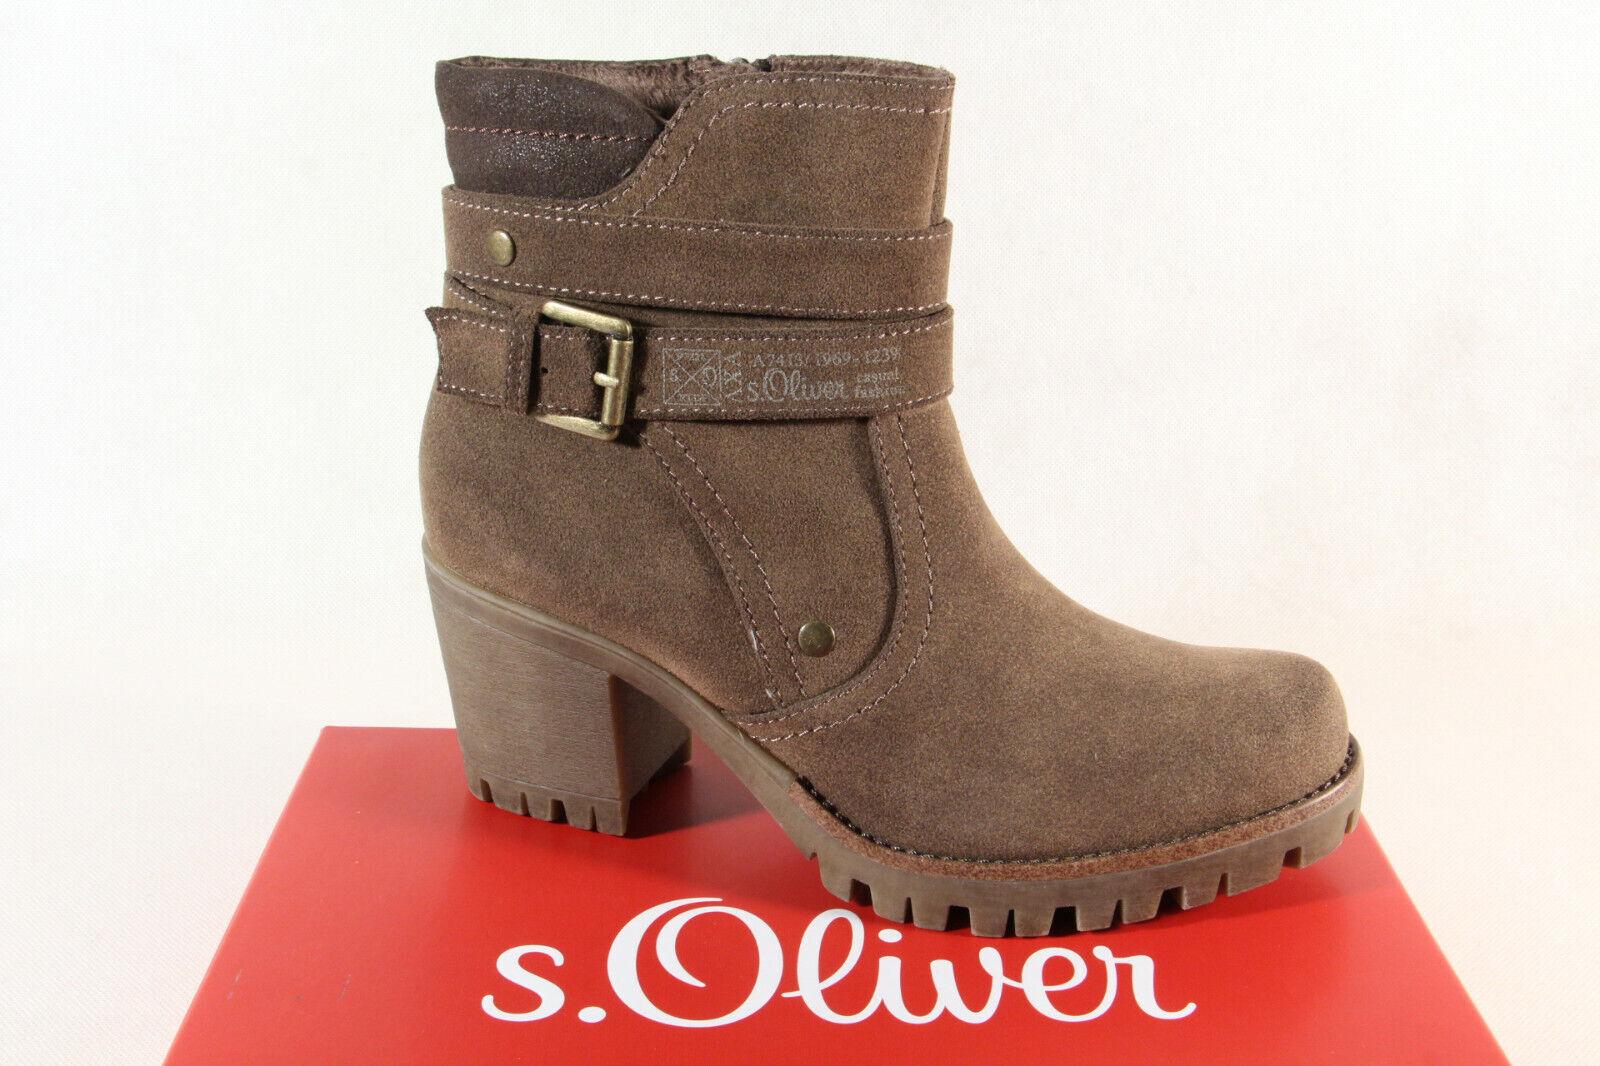 Damen S Oliver Stiefelette 25426 Boots Stiefel NEU braun